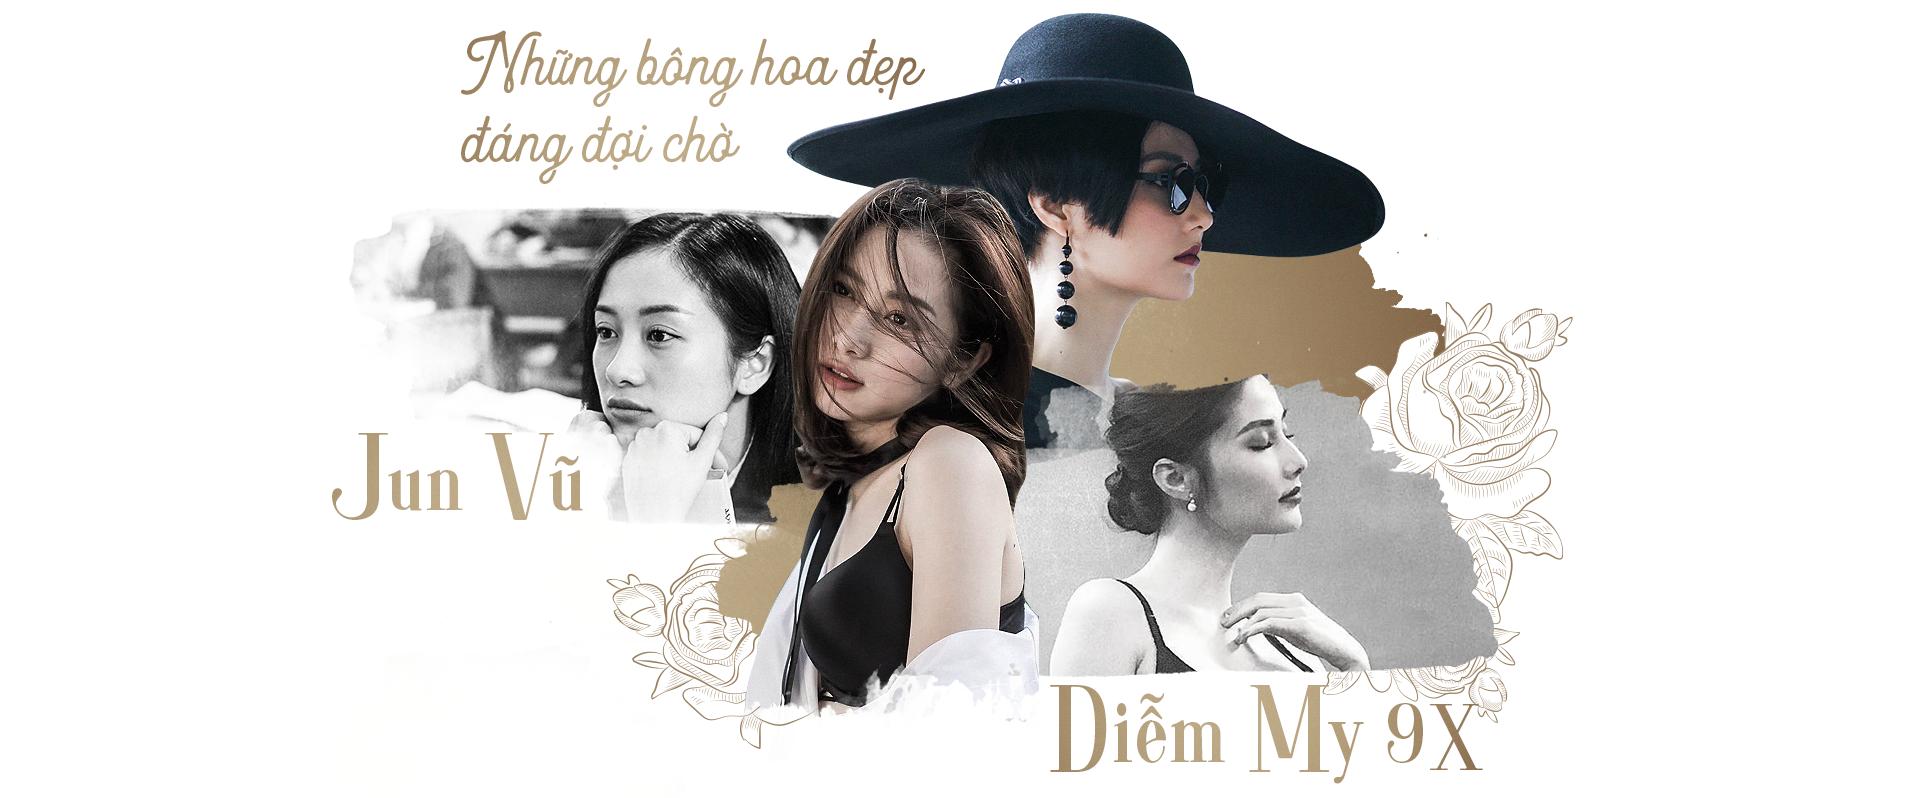 8-3 và những đoá hồng chất của điện ảnh Việt - Ảnh 20.